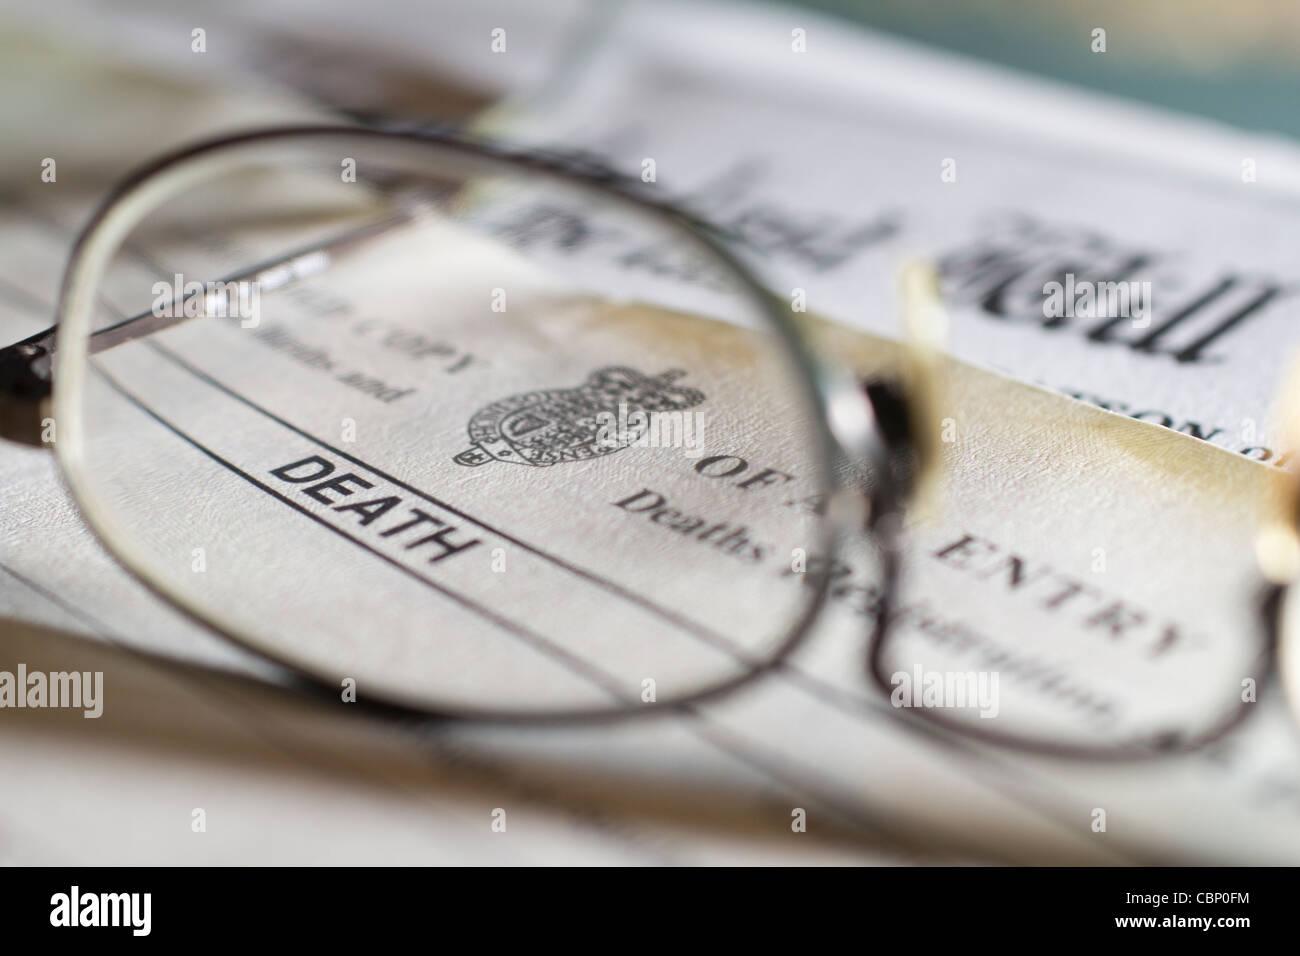 Royaume-uni Royaume-uni formulaire Certificat de décès Photo Stock